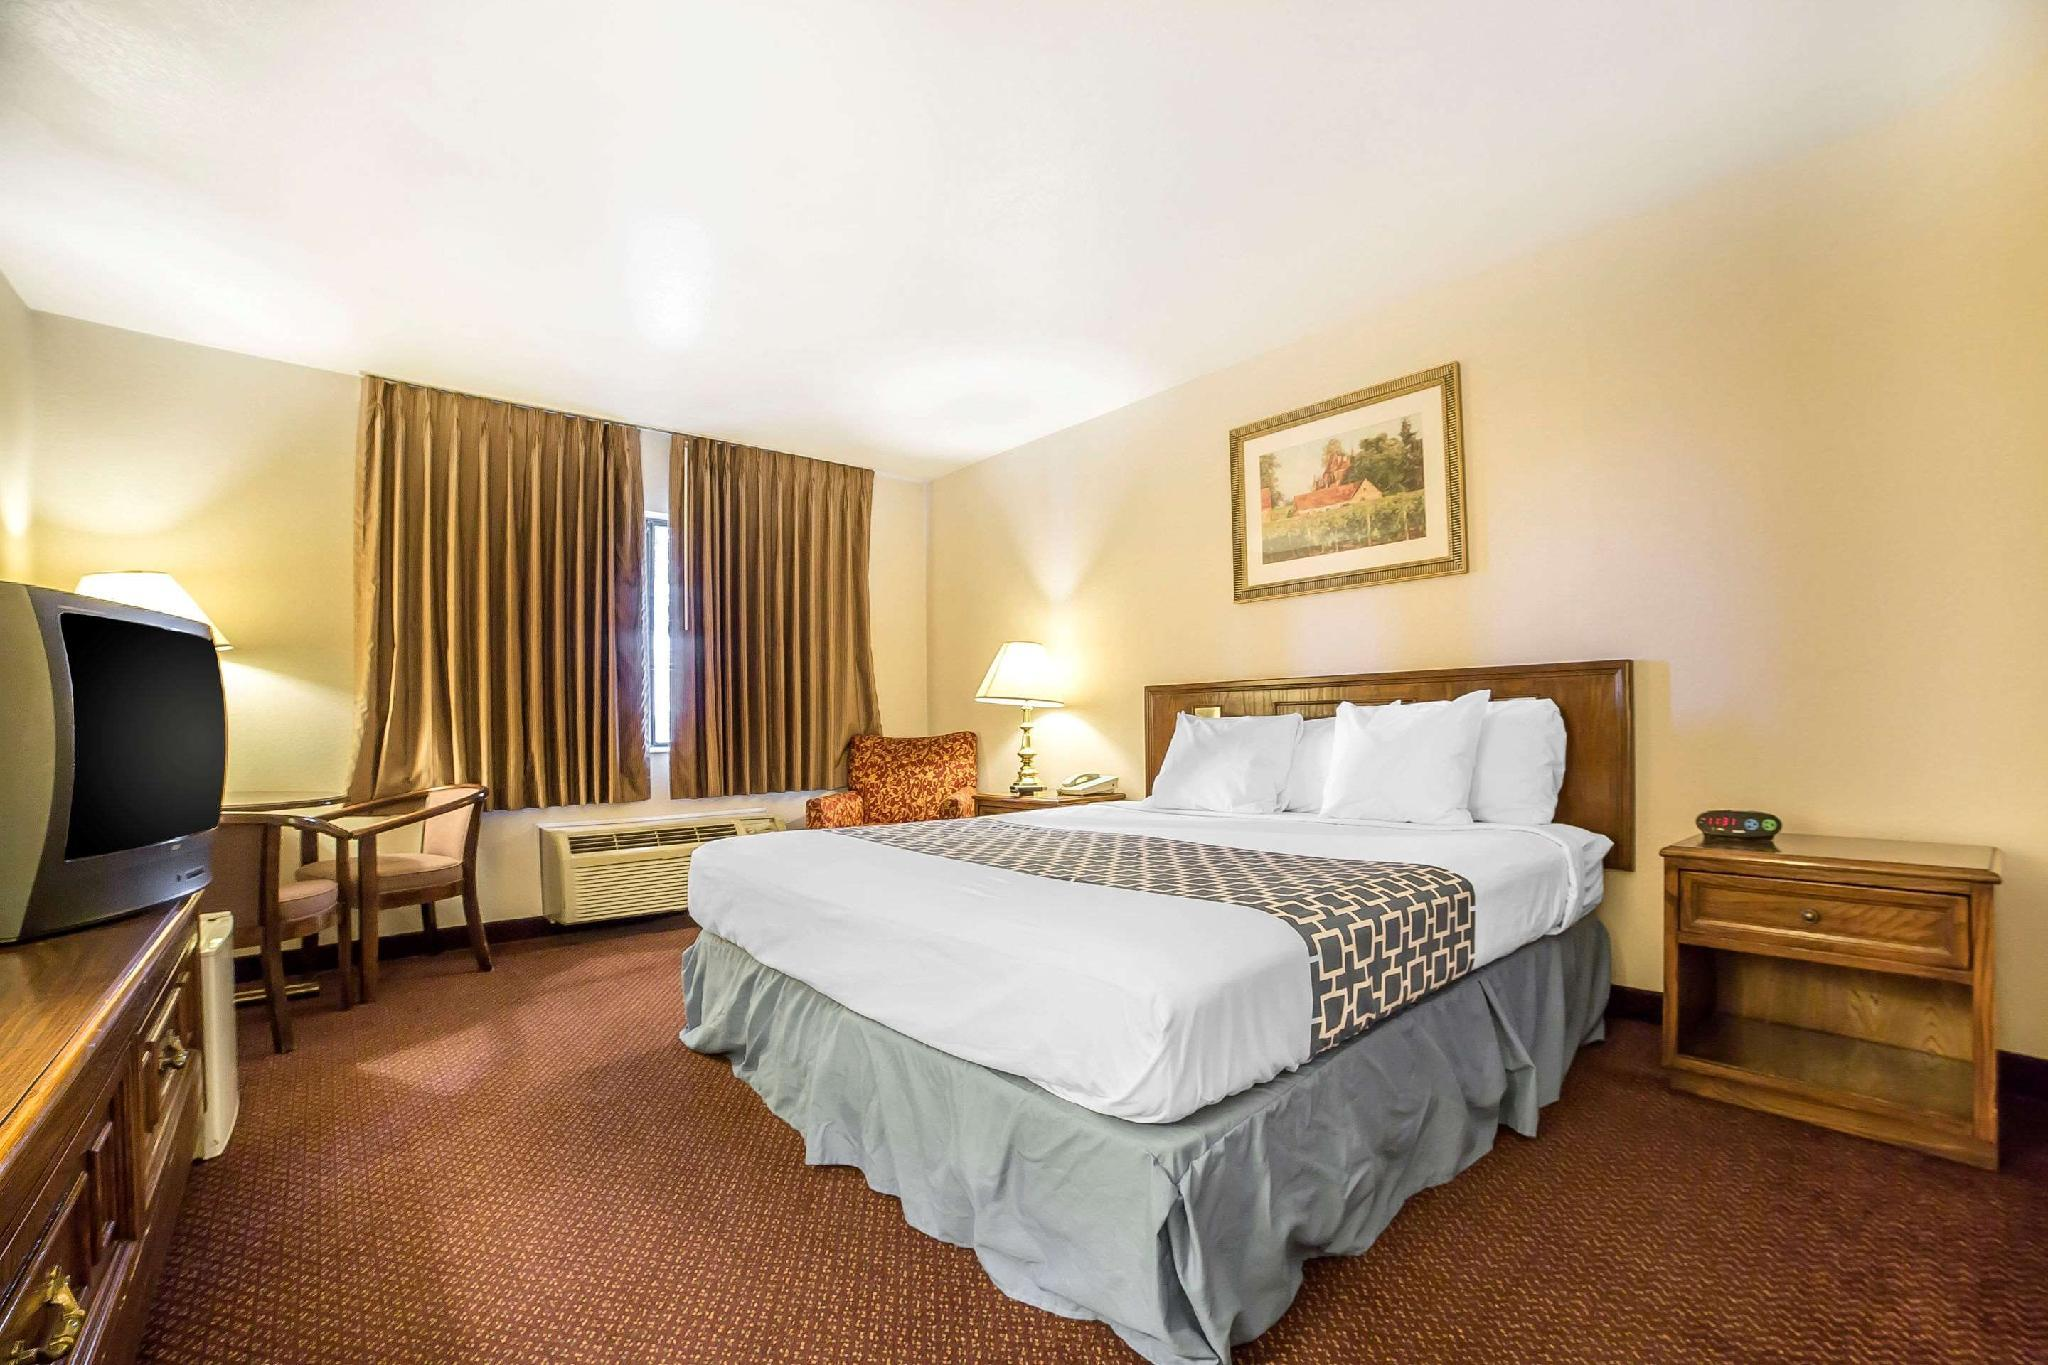 Econo Lodge Inn & Suites, Salt Lake